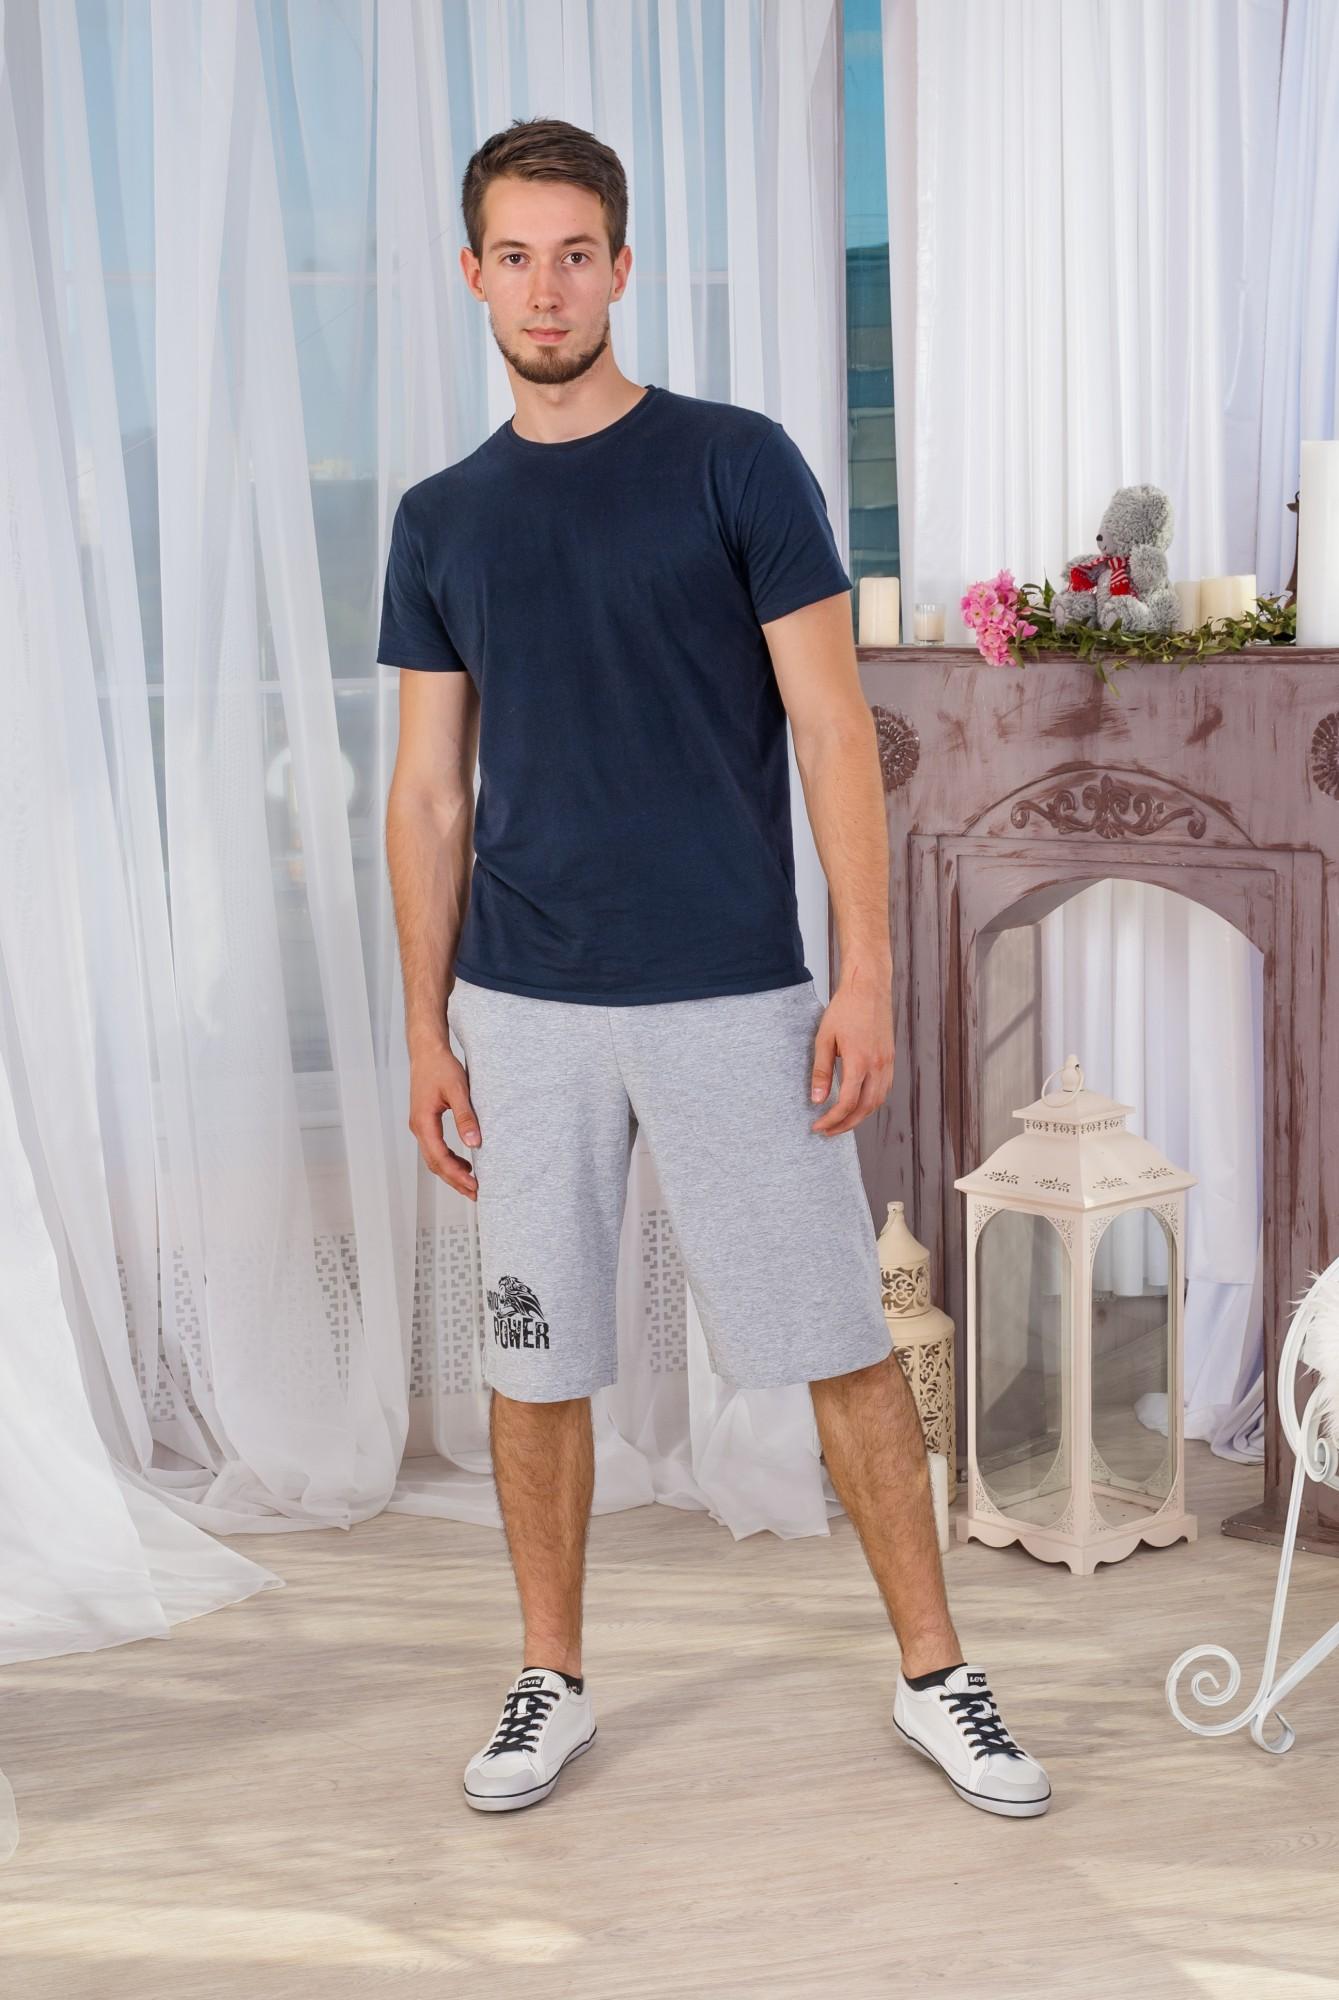 Шорты мужские Летние удлиненныеБрюки, трико и шорты<br><br><br>Размер: 46